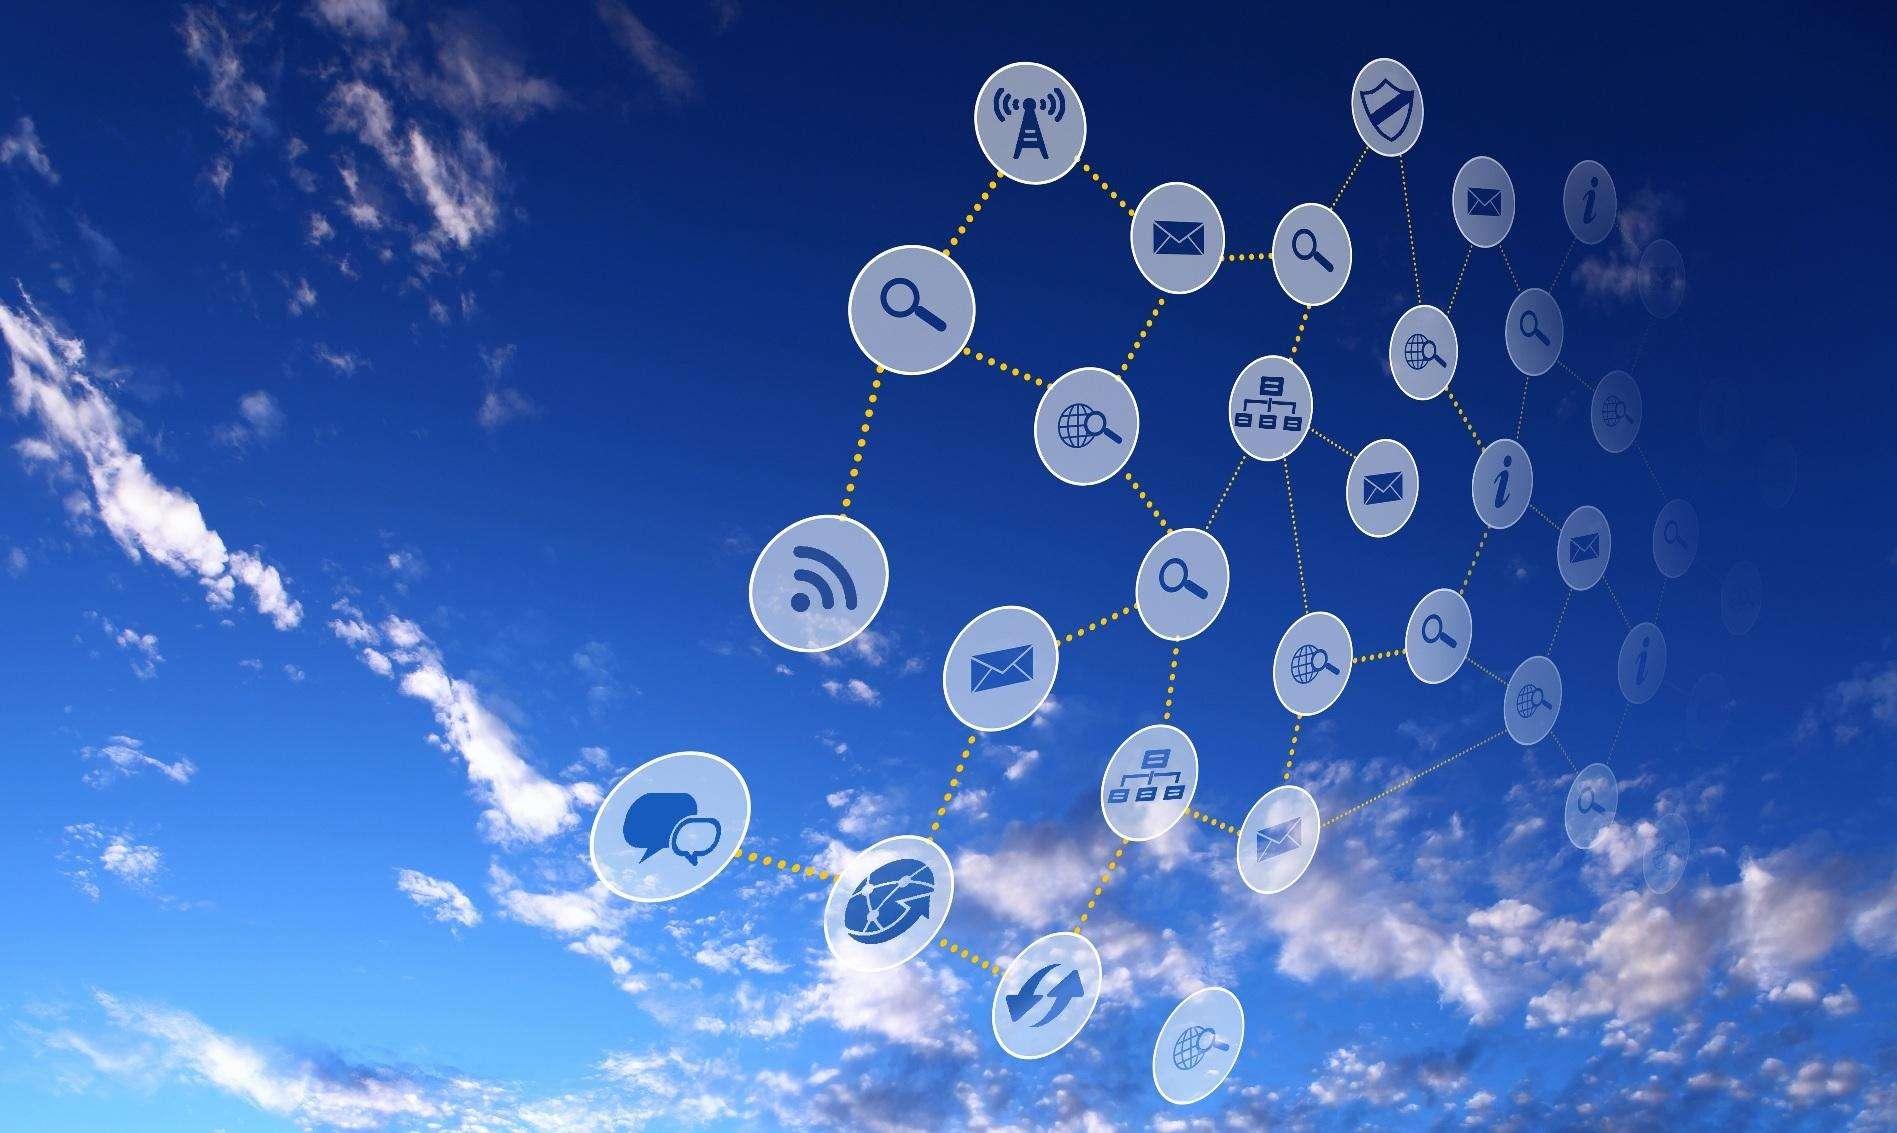 物联网下一个应用蓝海 是与实体经济深度融合